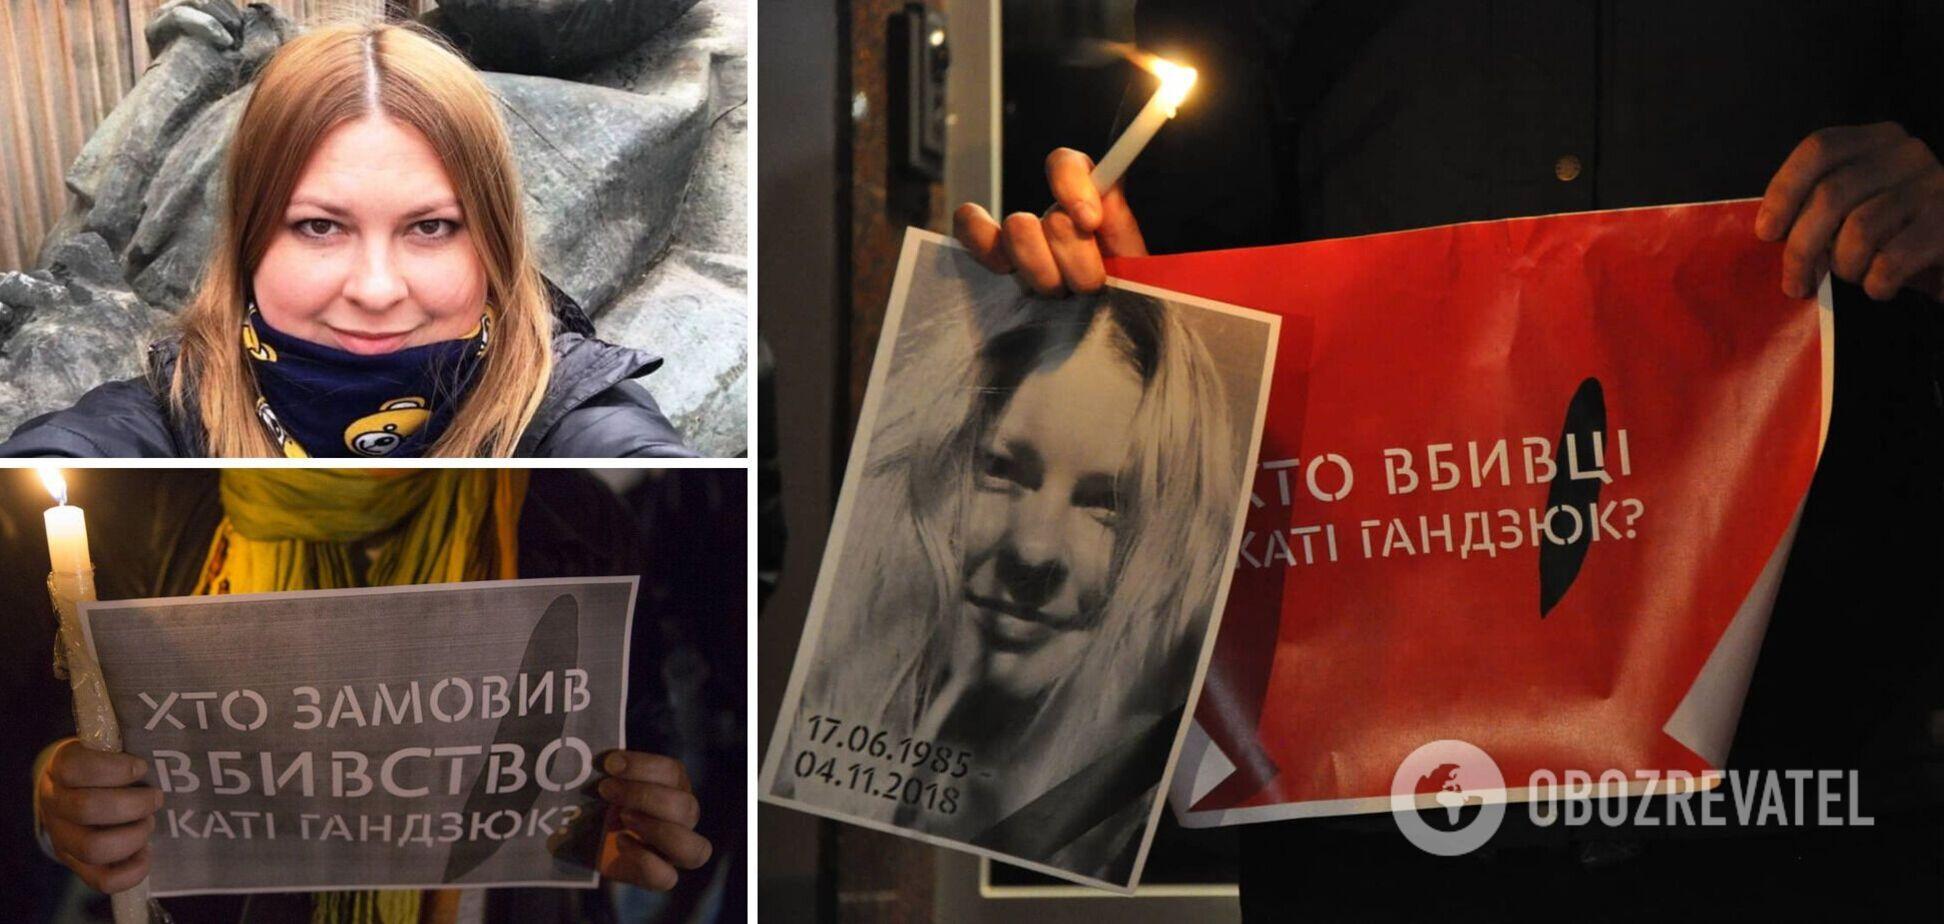 Три года назад в Херсоне напали на активистку Екатерину Гандзюк: посольство США сделало заявление